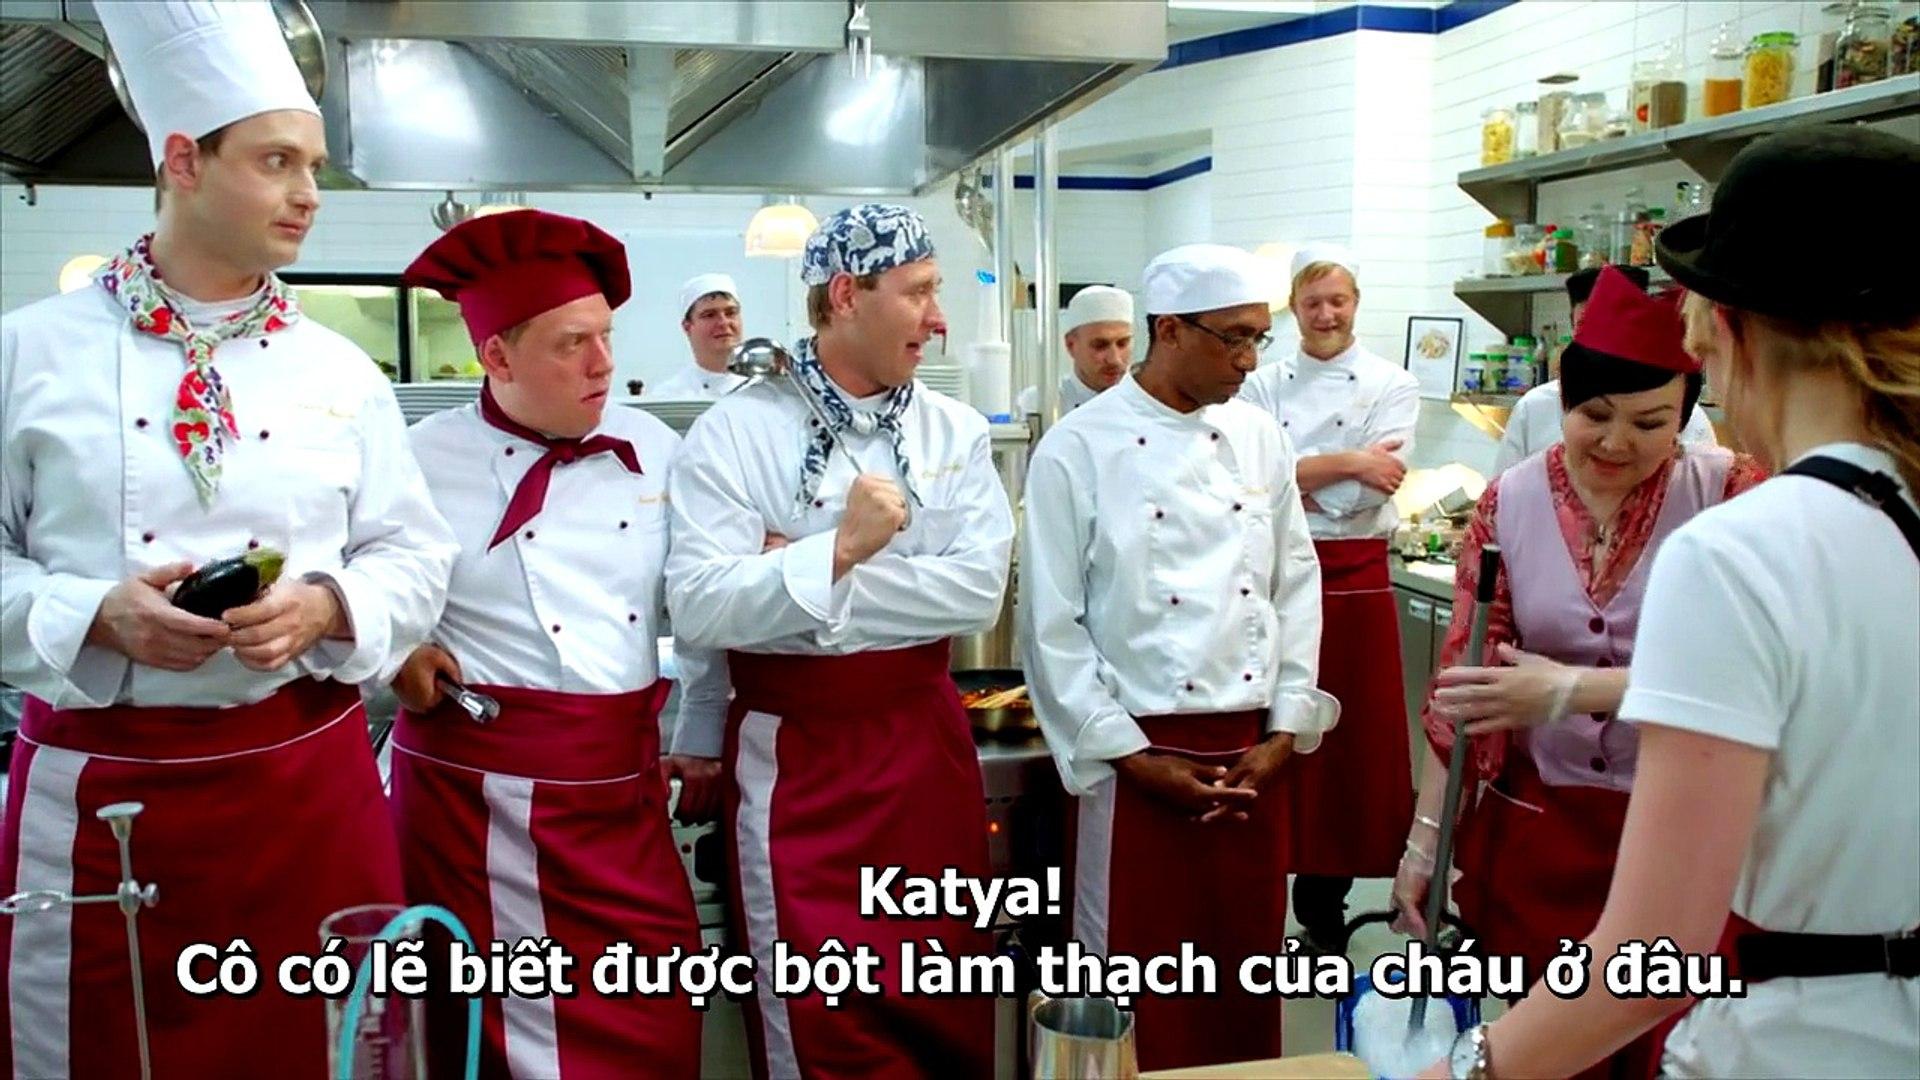 Tập 75 Kitchen - Nhà Bếp (hài Nga) (Кухня (телесериал)) 2012 HD-VietSub